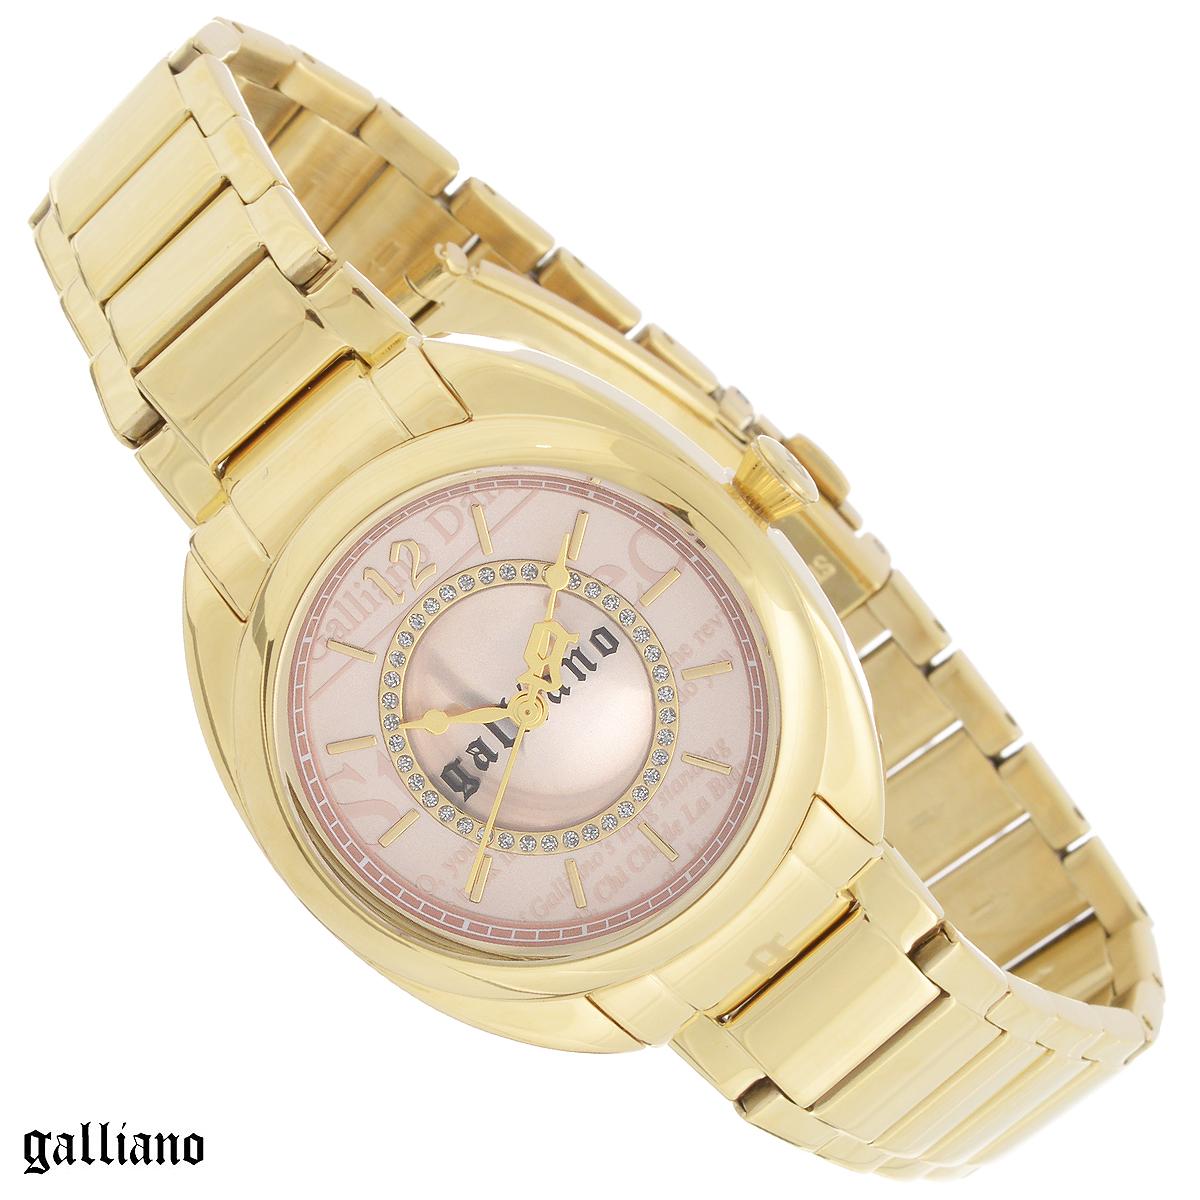 Часы женские наручные Galliano, цвет: золотой. R2553111501BM8434-58AEНаручные женские часы Galliano оснащены кварцевым механизмом. Корпус выполнен из высококачественной нержавеющей стали с PVD-покрытием. Циферблат с отметками оформлен кристаллами и защищен сапфировым стеклом. Часы имеют три стрелки - часовую, минутную и секундную. Браслет часов выполнен из нержавеющей стали с PVD-покрытием и оснащен раскладывающейся застежкой. Часы укомплектованы паспортом с подробной инструкцией. Часы Galliano благодаря своему великолепному дизайну и качеству исполнения станут главным акцентом вашего образа. Характеристики:Диаметр циферблата: 2,8 см.Размер корпуса: 3,4 см х 3,4 см х 0,9 см.Длина браслета (с корпусом): 25,5 см.Ширина браслета: 1,6 см.